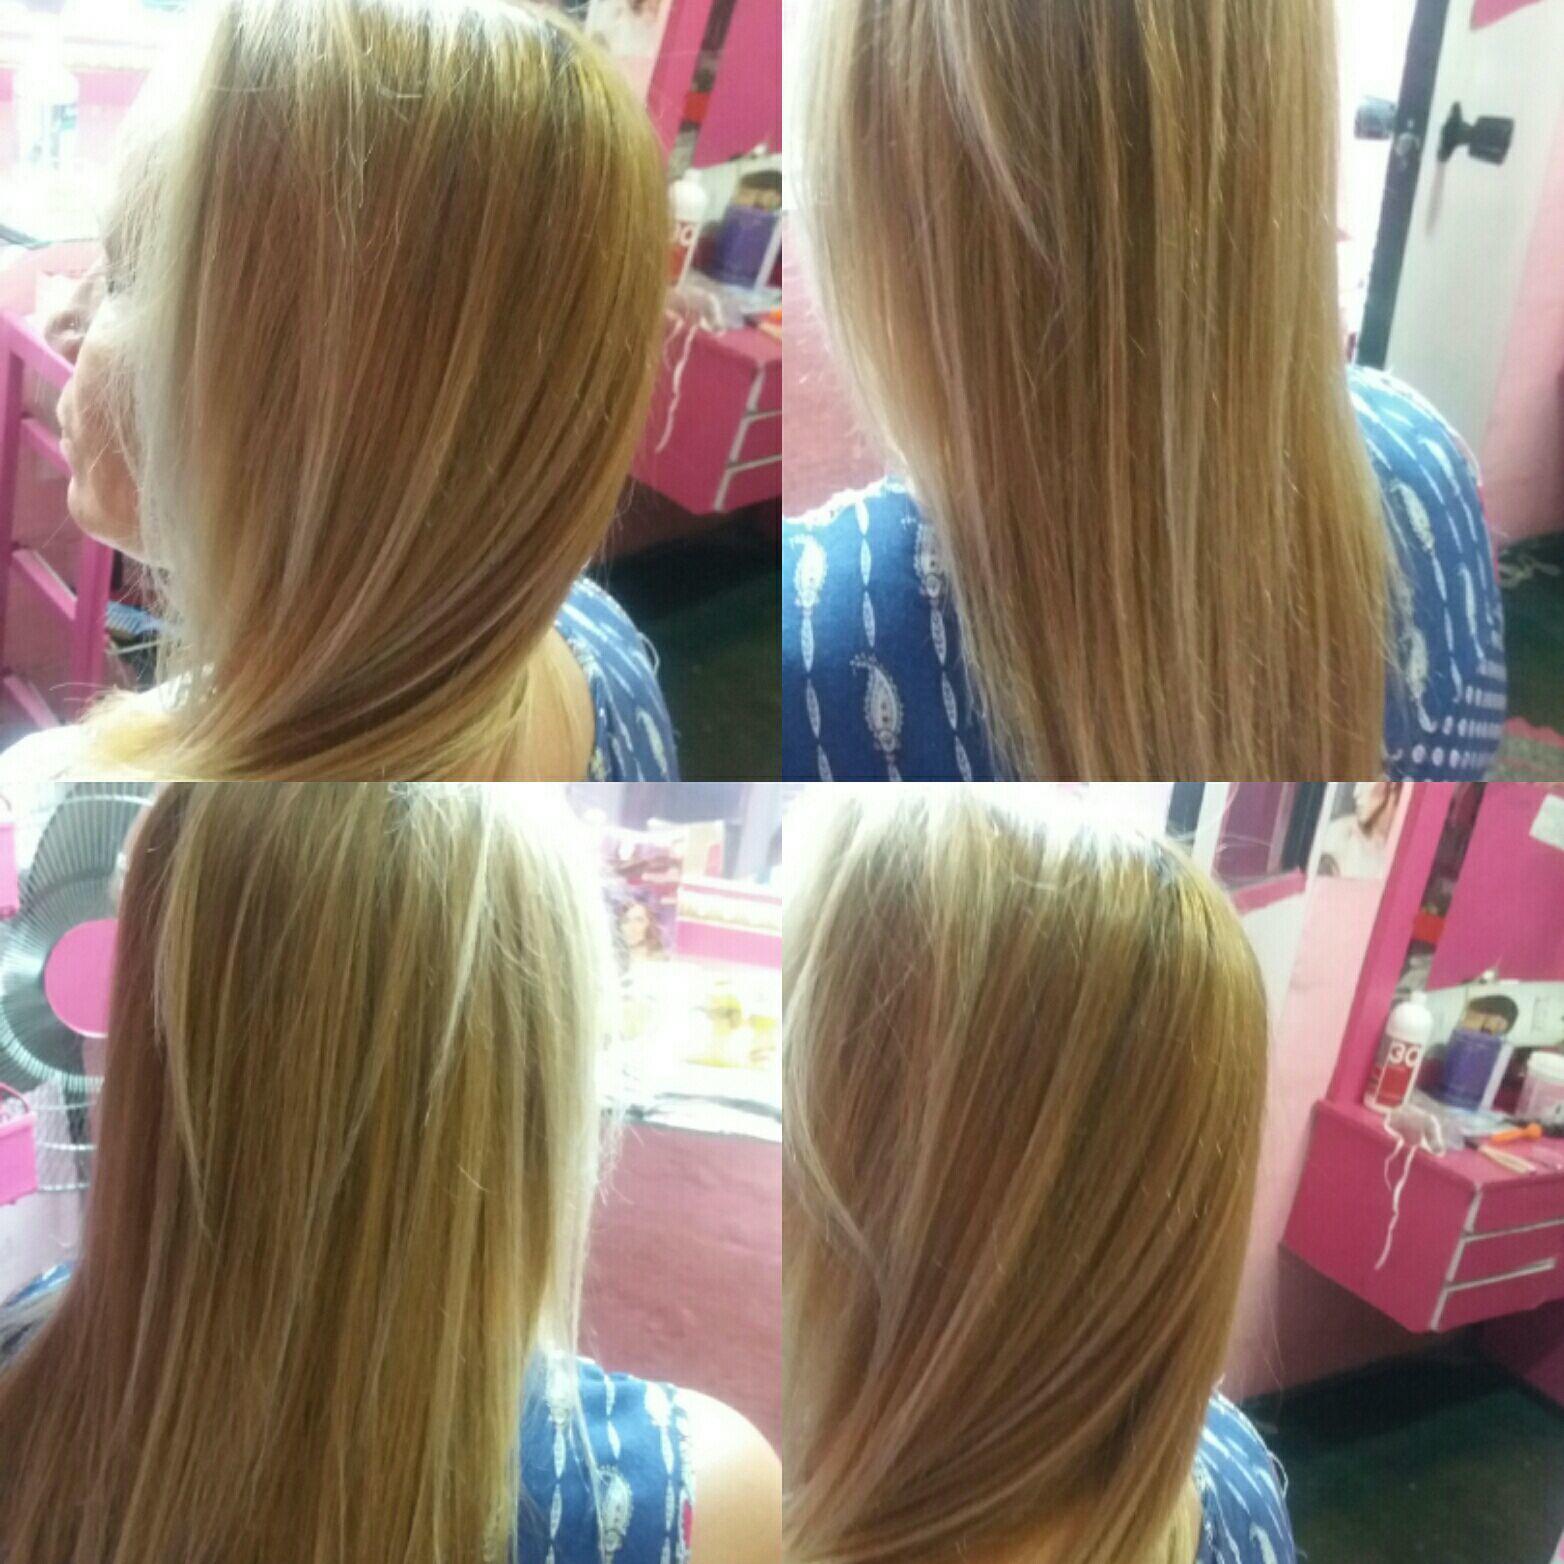 Esse cabelo era um castanho claro,usei o descolorante com ox 40 e matizei  usei o 12.11 com meio cm de 01 e 1 cm de verde fiz uma reconstrução  É a cliente amou. cabelo cabeleireiro(a)